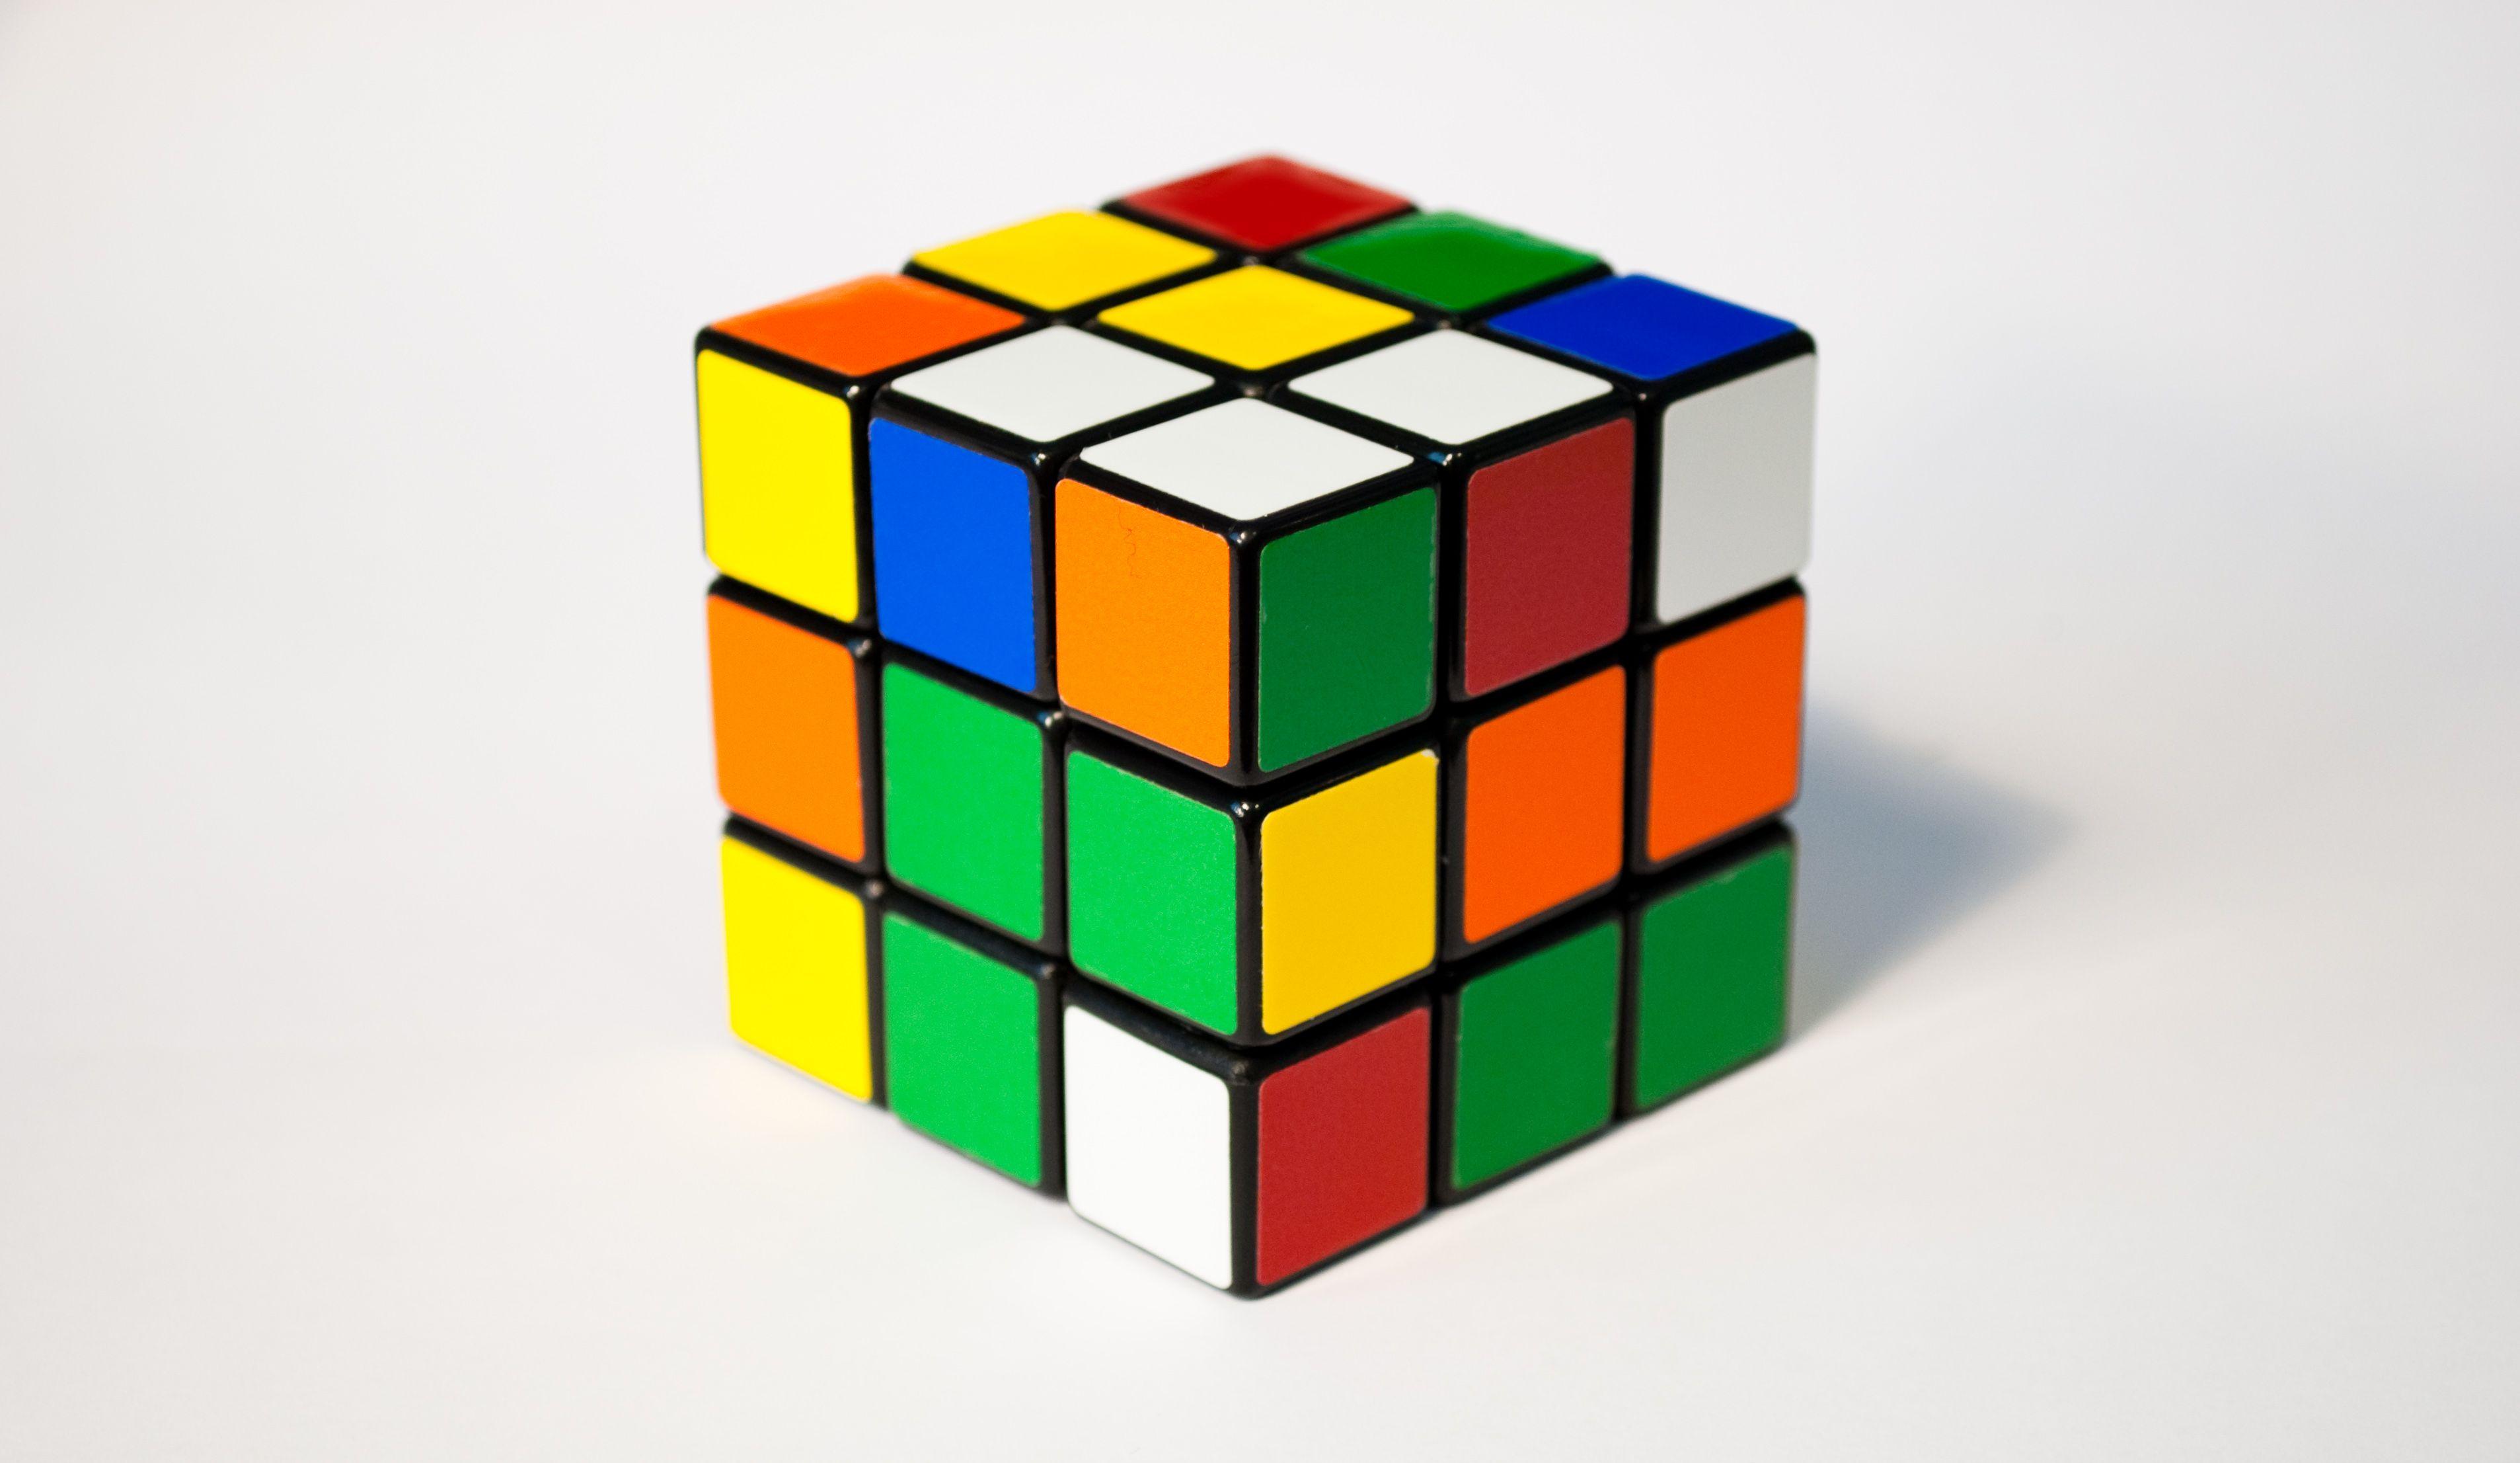 El cubo de RUBIK cumple 40 años: http://www.rtve.es/noticias/20140519/cubo-rubik-cumple-40-anos-cinco-curiosidades-se-descubieron-hace-poco-sobre/940081.shtml